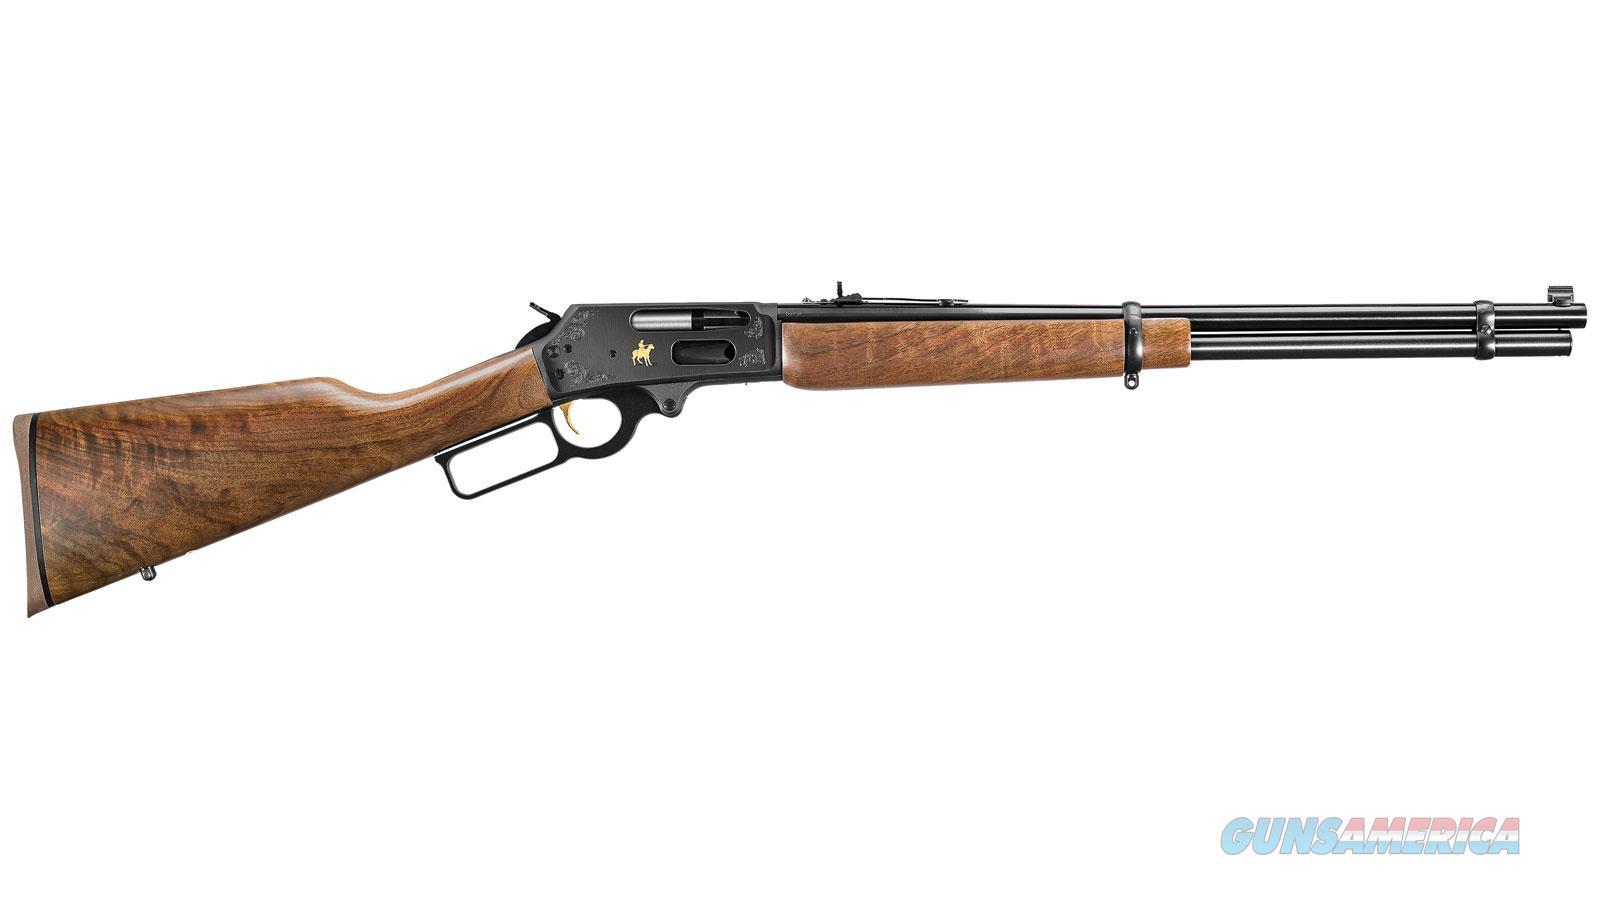 Model 336Tdl 70534  Guns > Rifles > MN Misc Rifles